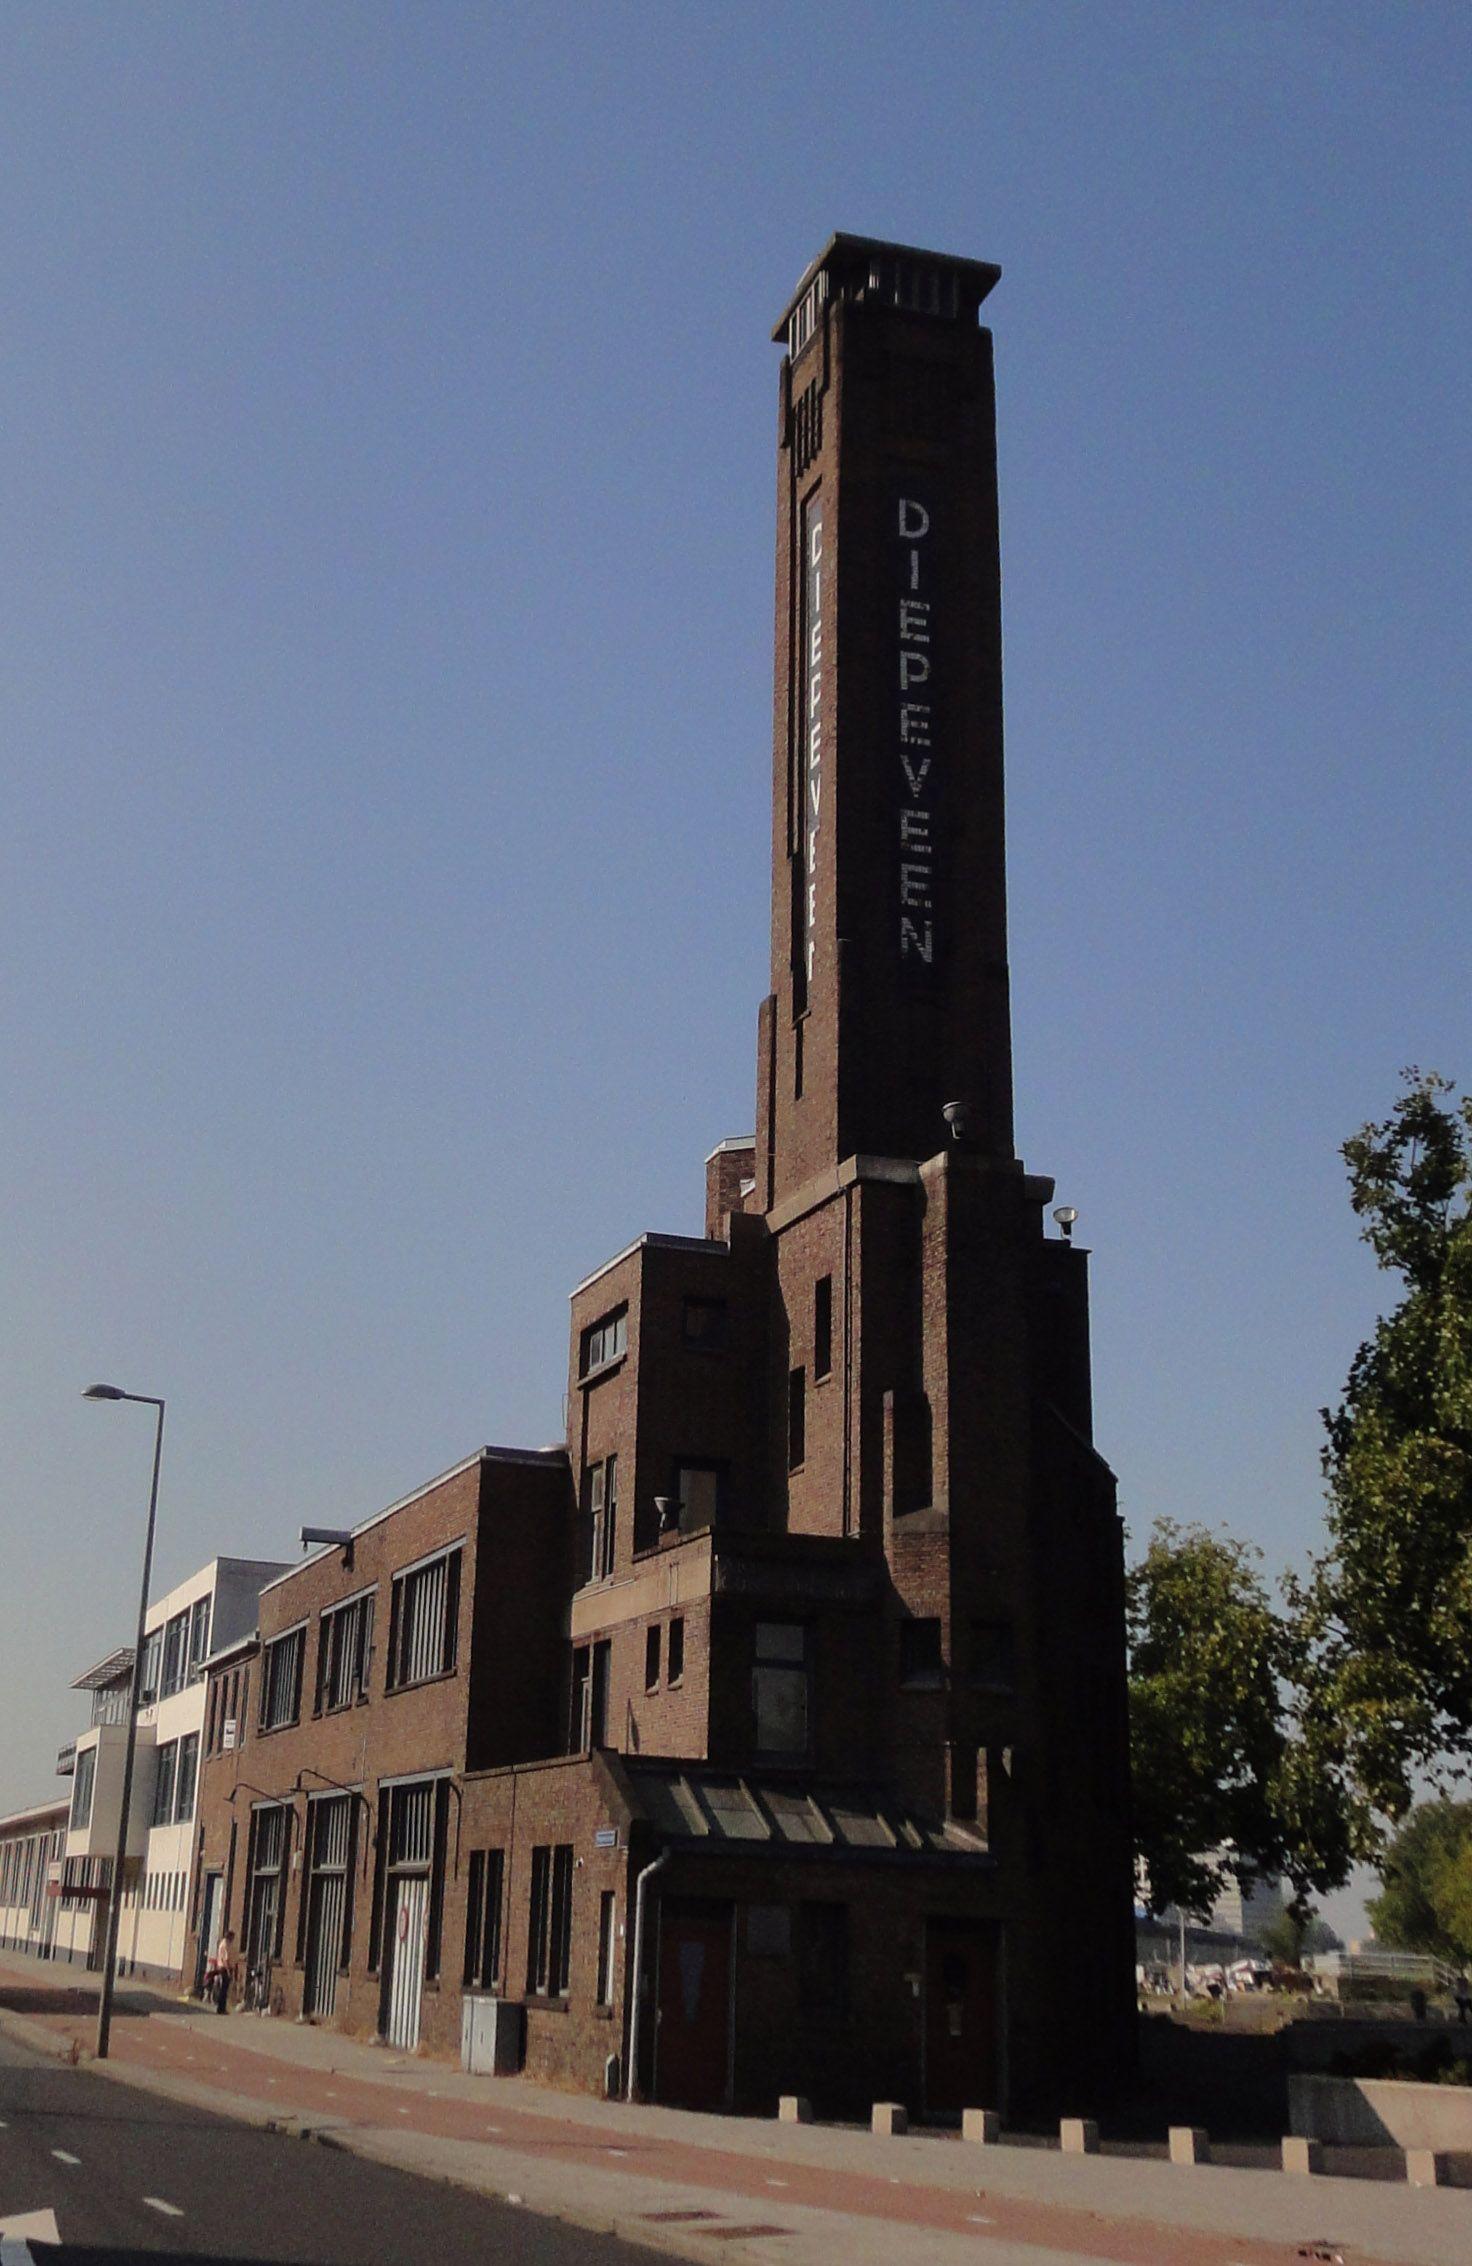 Voormalig kantoor diepeveen in rotterdam monument architecture - Kantoor deco ...